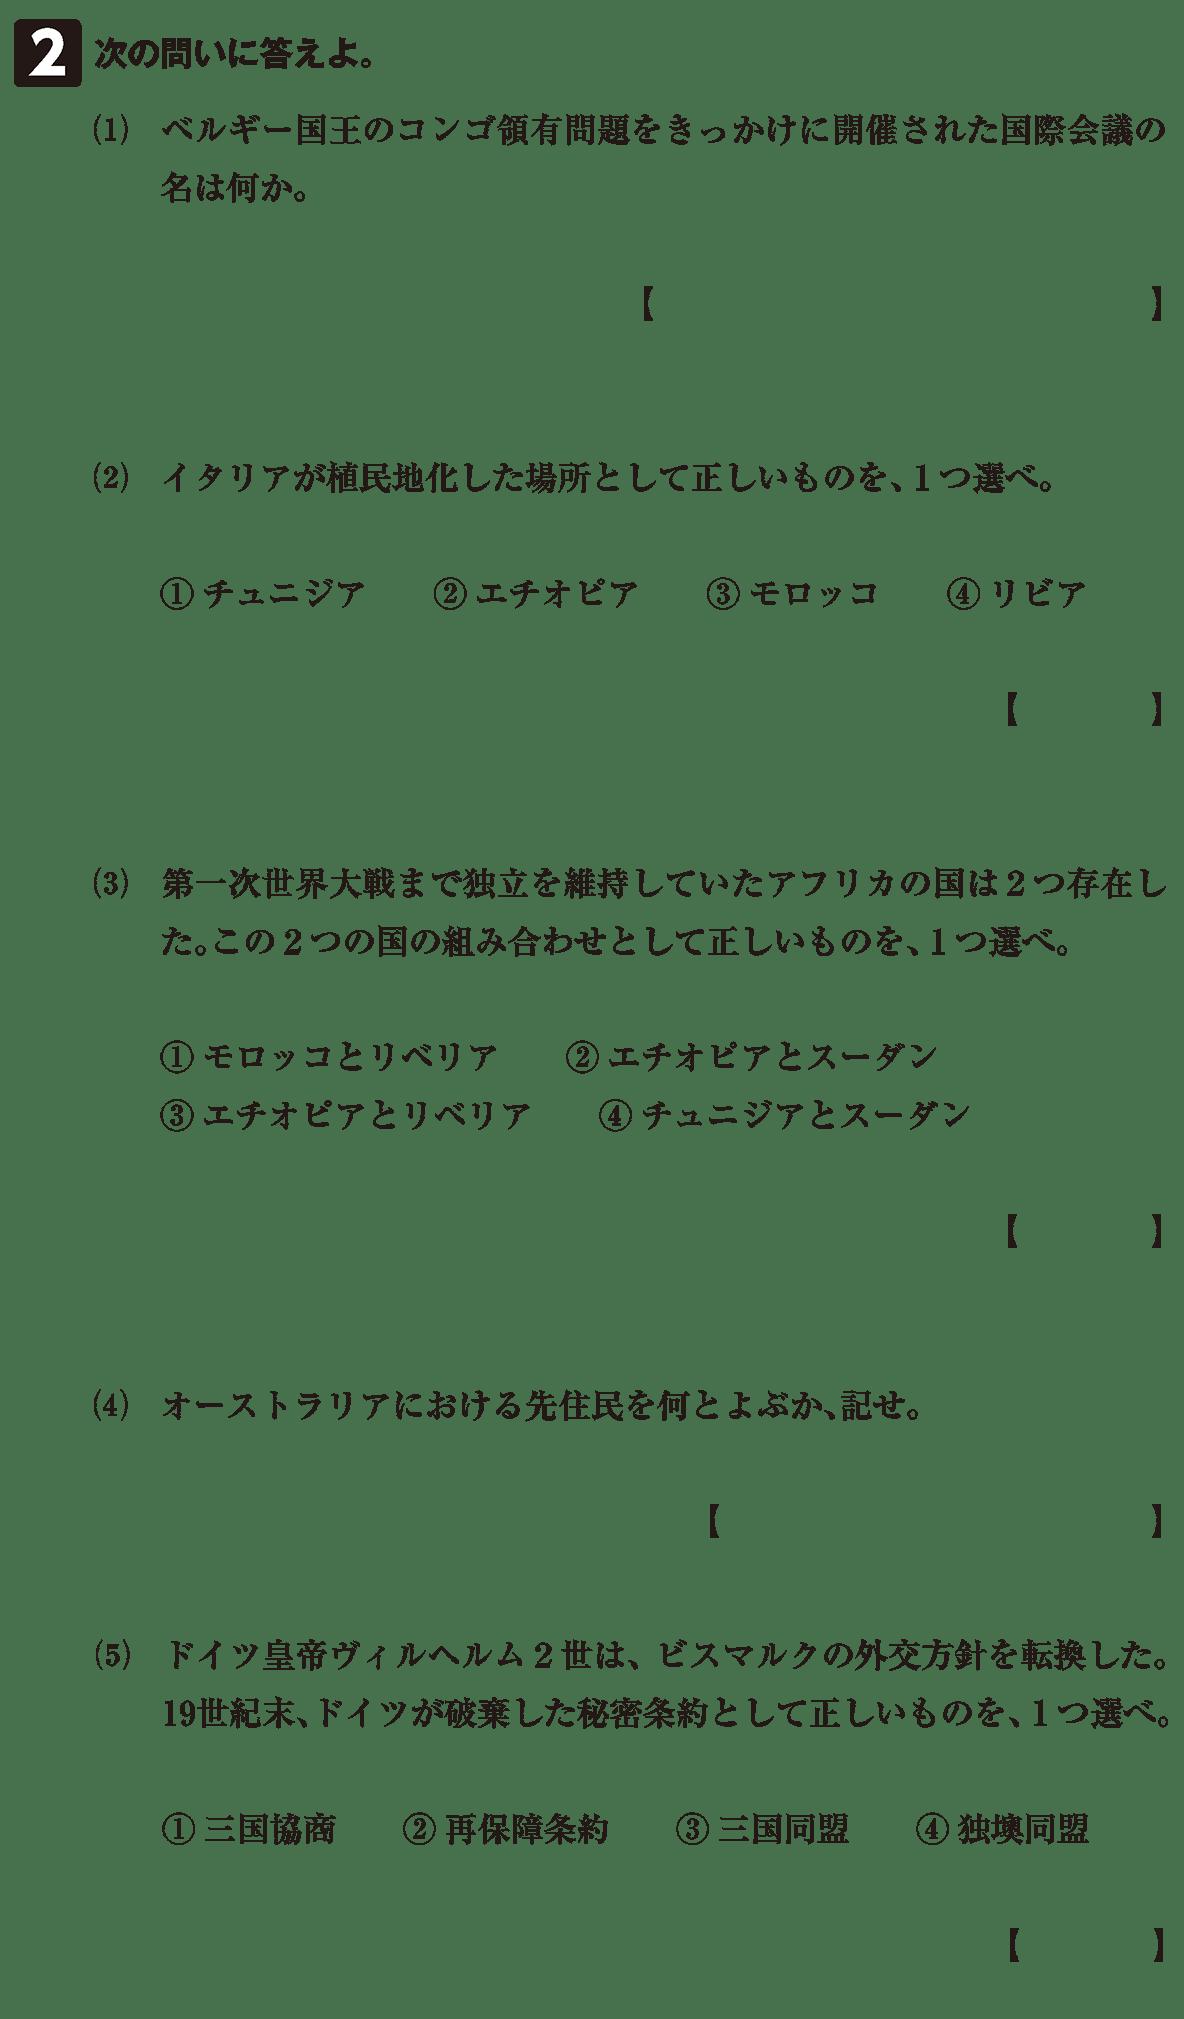 世界分割と列強の対立9 確認テスト(後半)問2